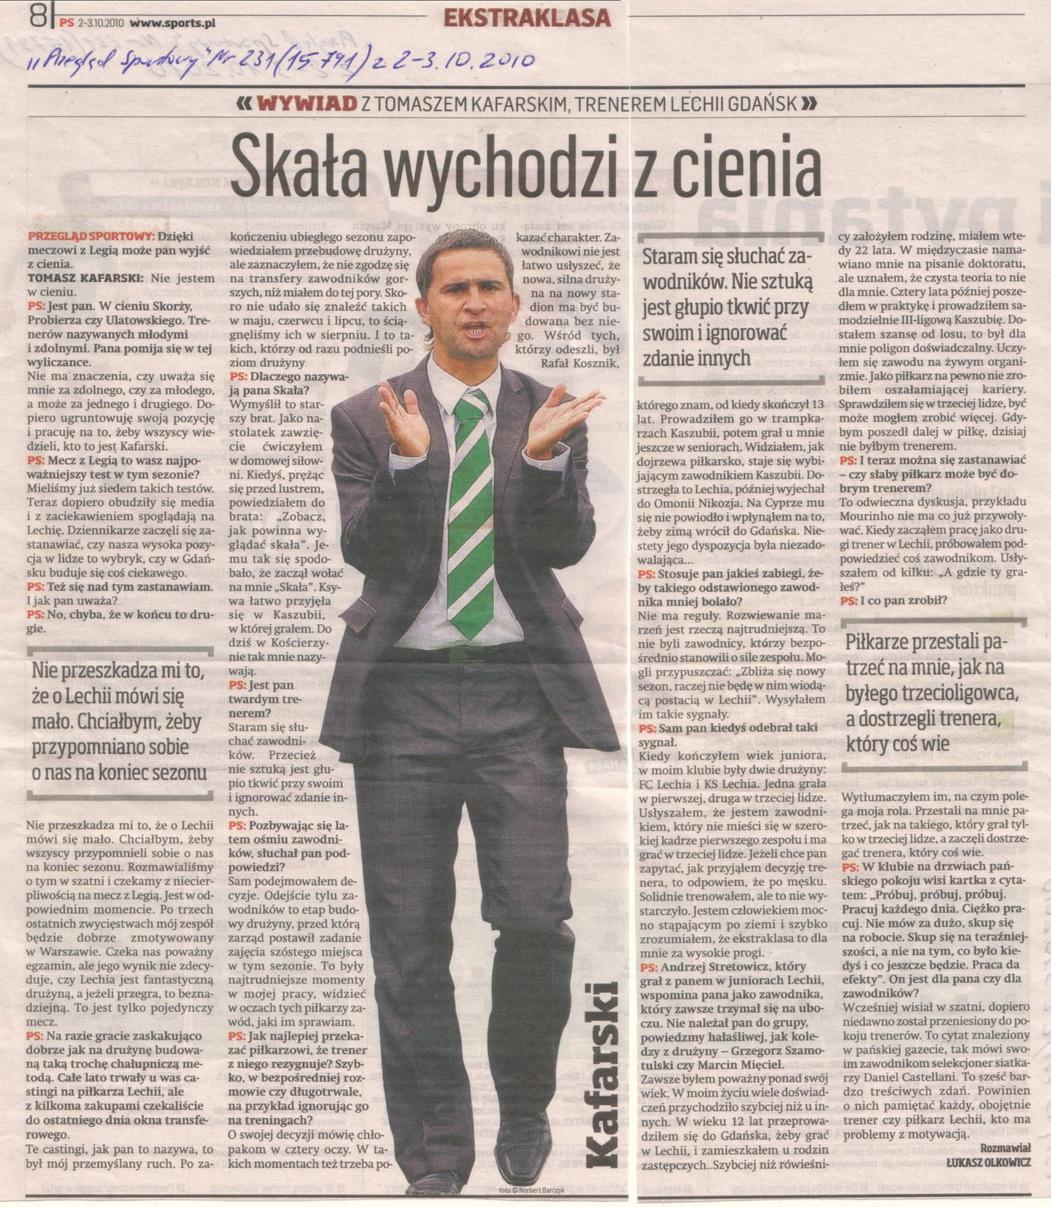 Relacja prasowa z meczu Legia Warszawa-Lechia